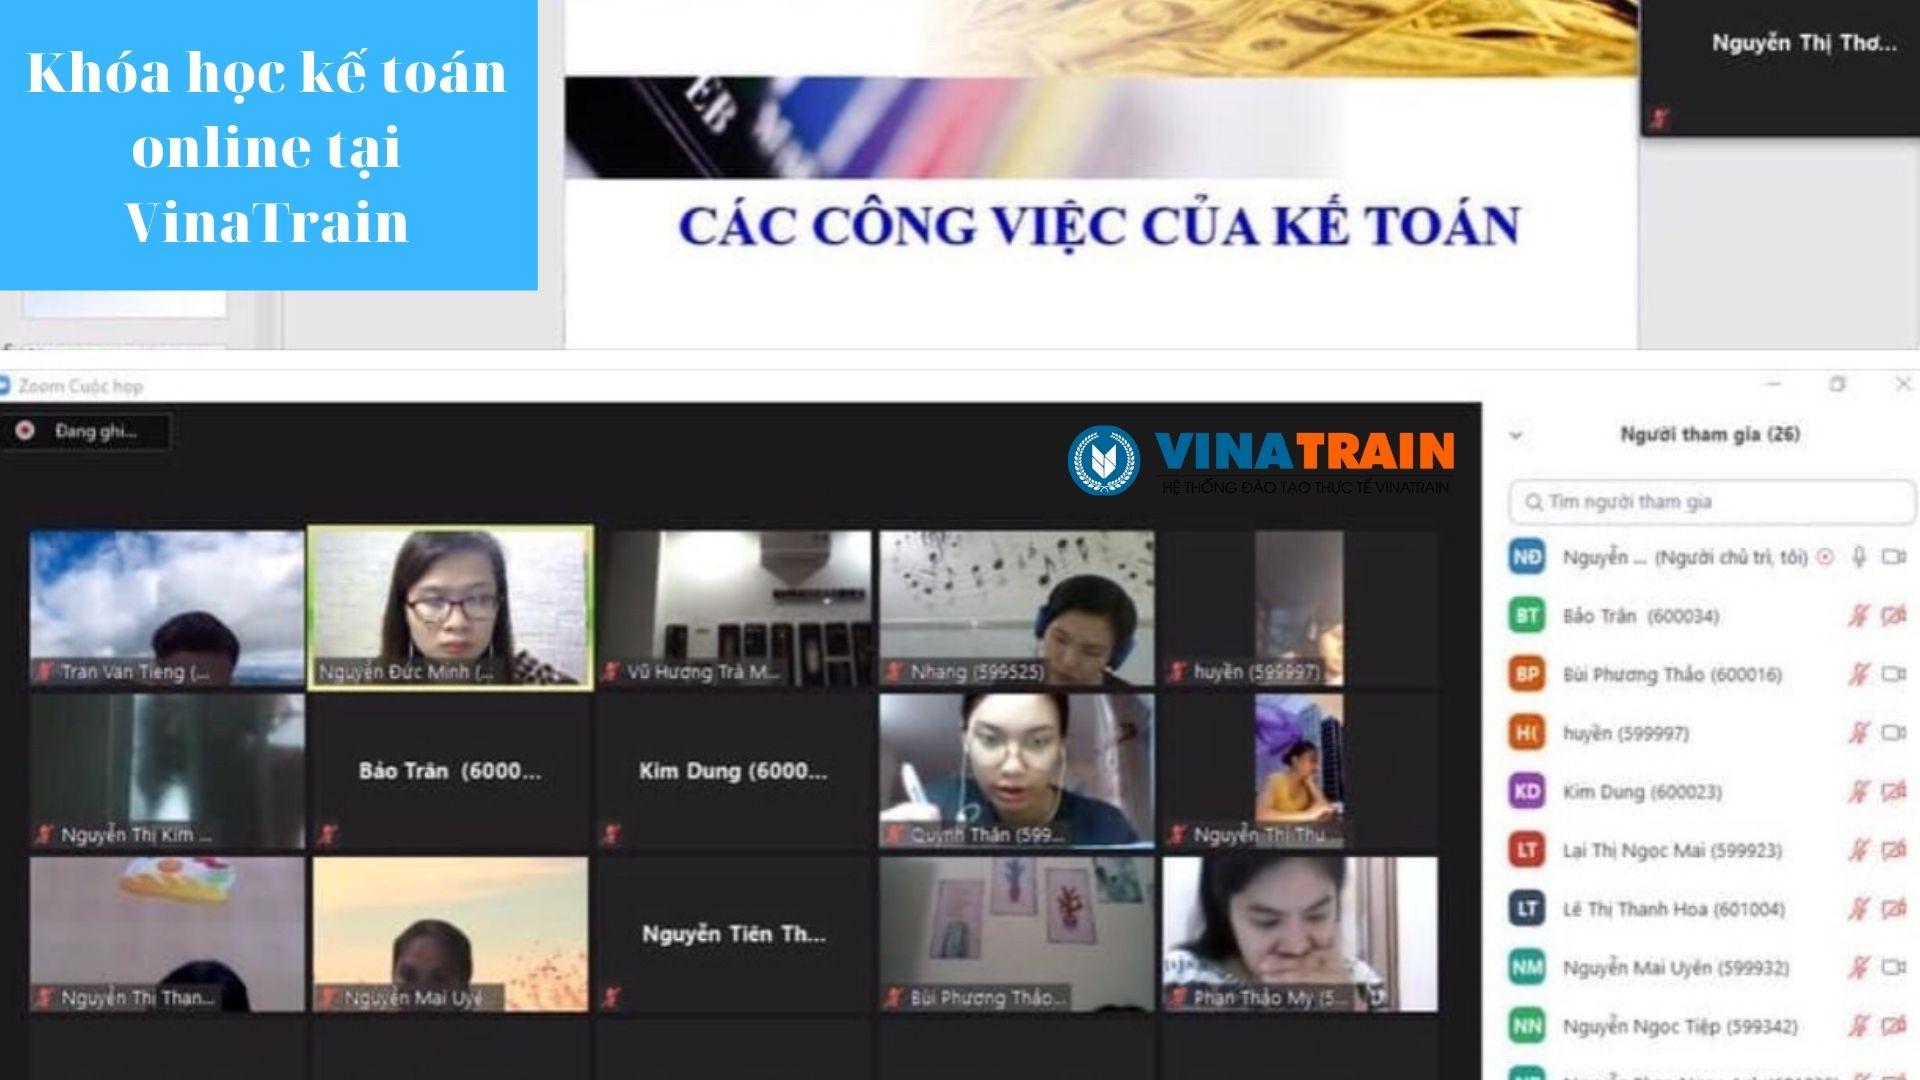 Trung tâm kế toán VinaTrain có tốt không?, Hình ảnh thực tế khóa học tại đây (nguồn: VinaTrain)